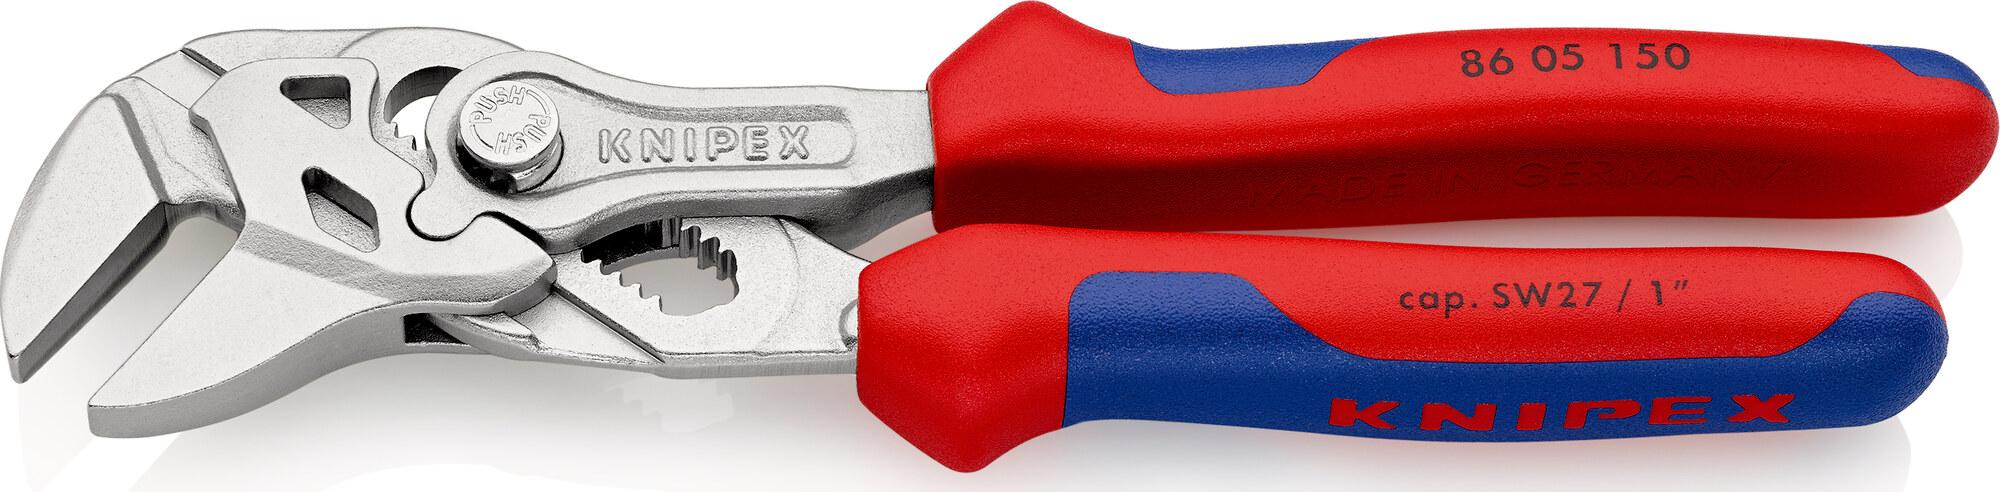 KNIPEX 86 05 250 Zangenschlüssel Zange und Schraubenschlüssel in einem Werkze...